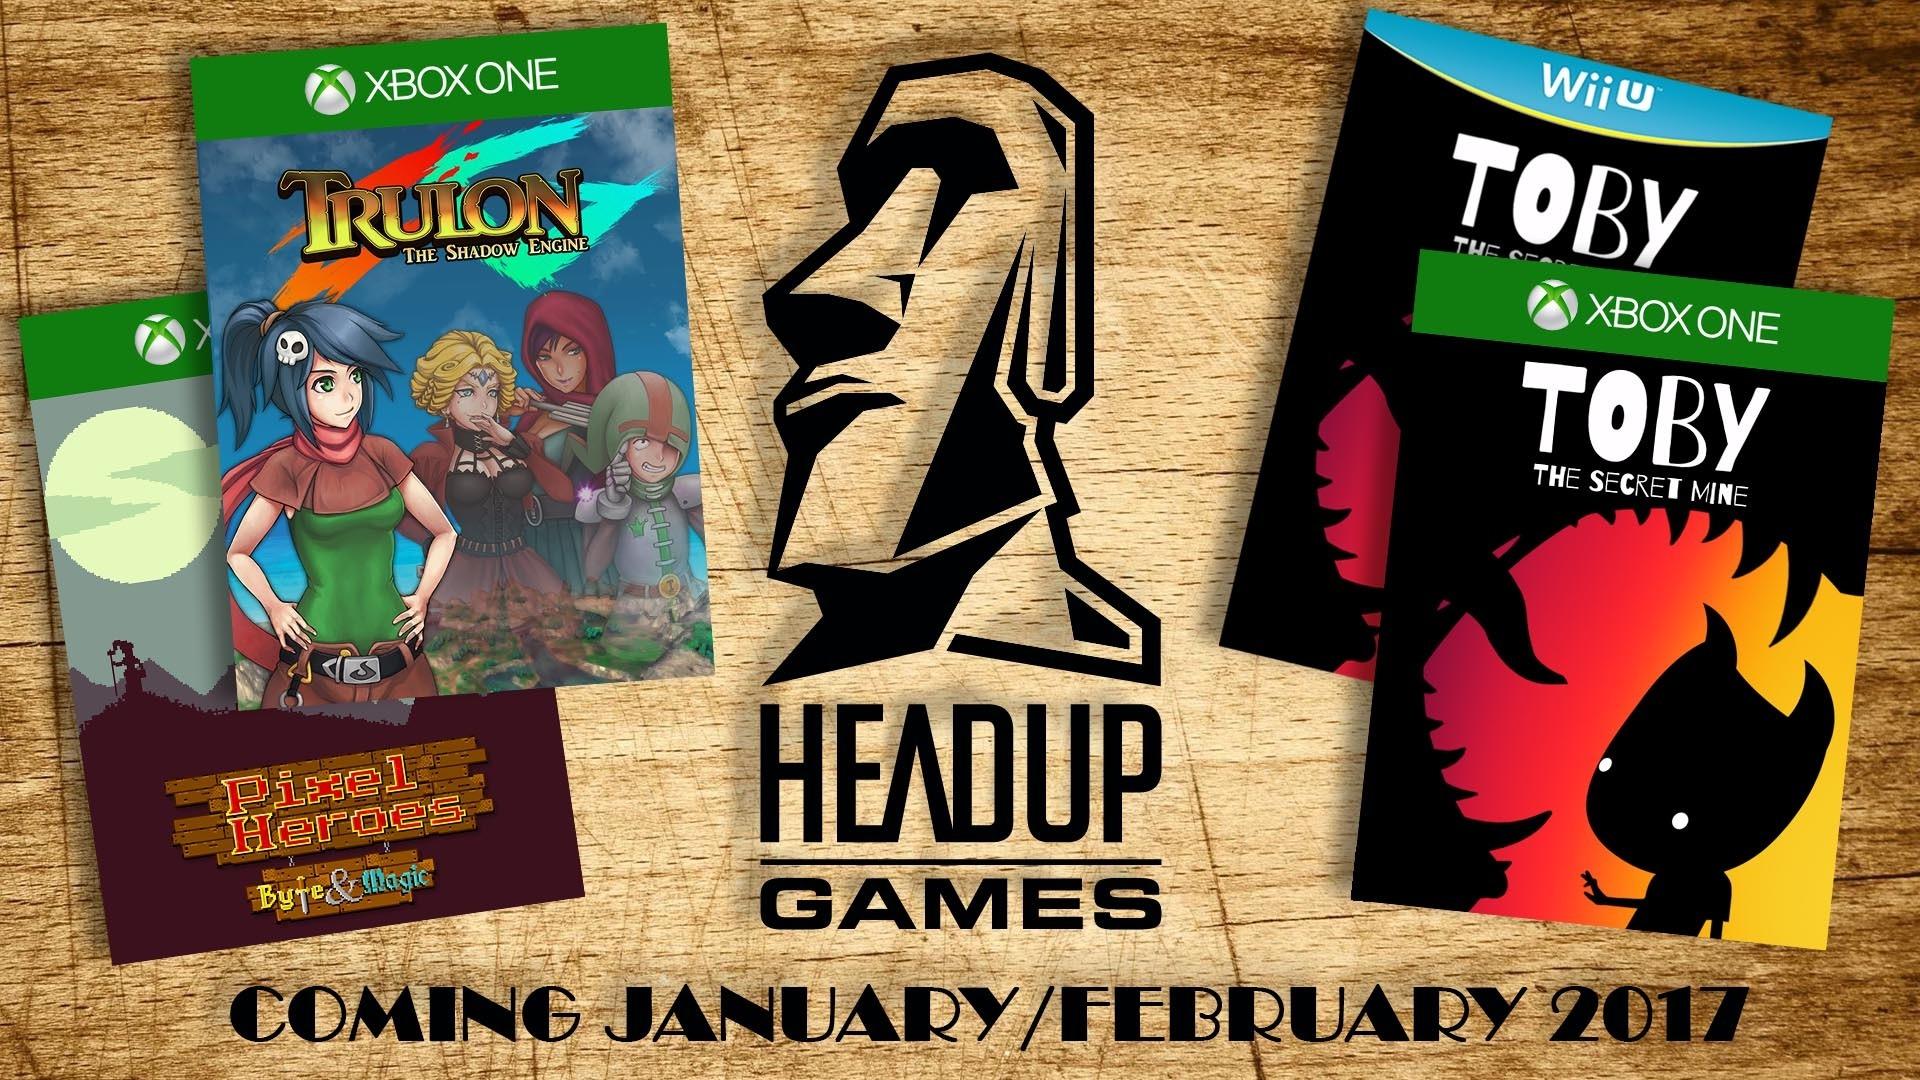 headup games nous g te avec 3 nouveaux jeux xbox one pour d but 2017 xbox. Black Bedroom Furniture Sets. Home Design Ideas